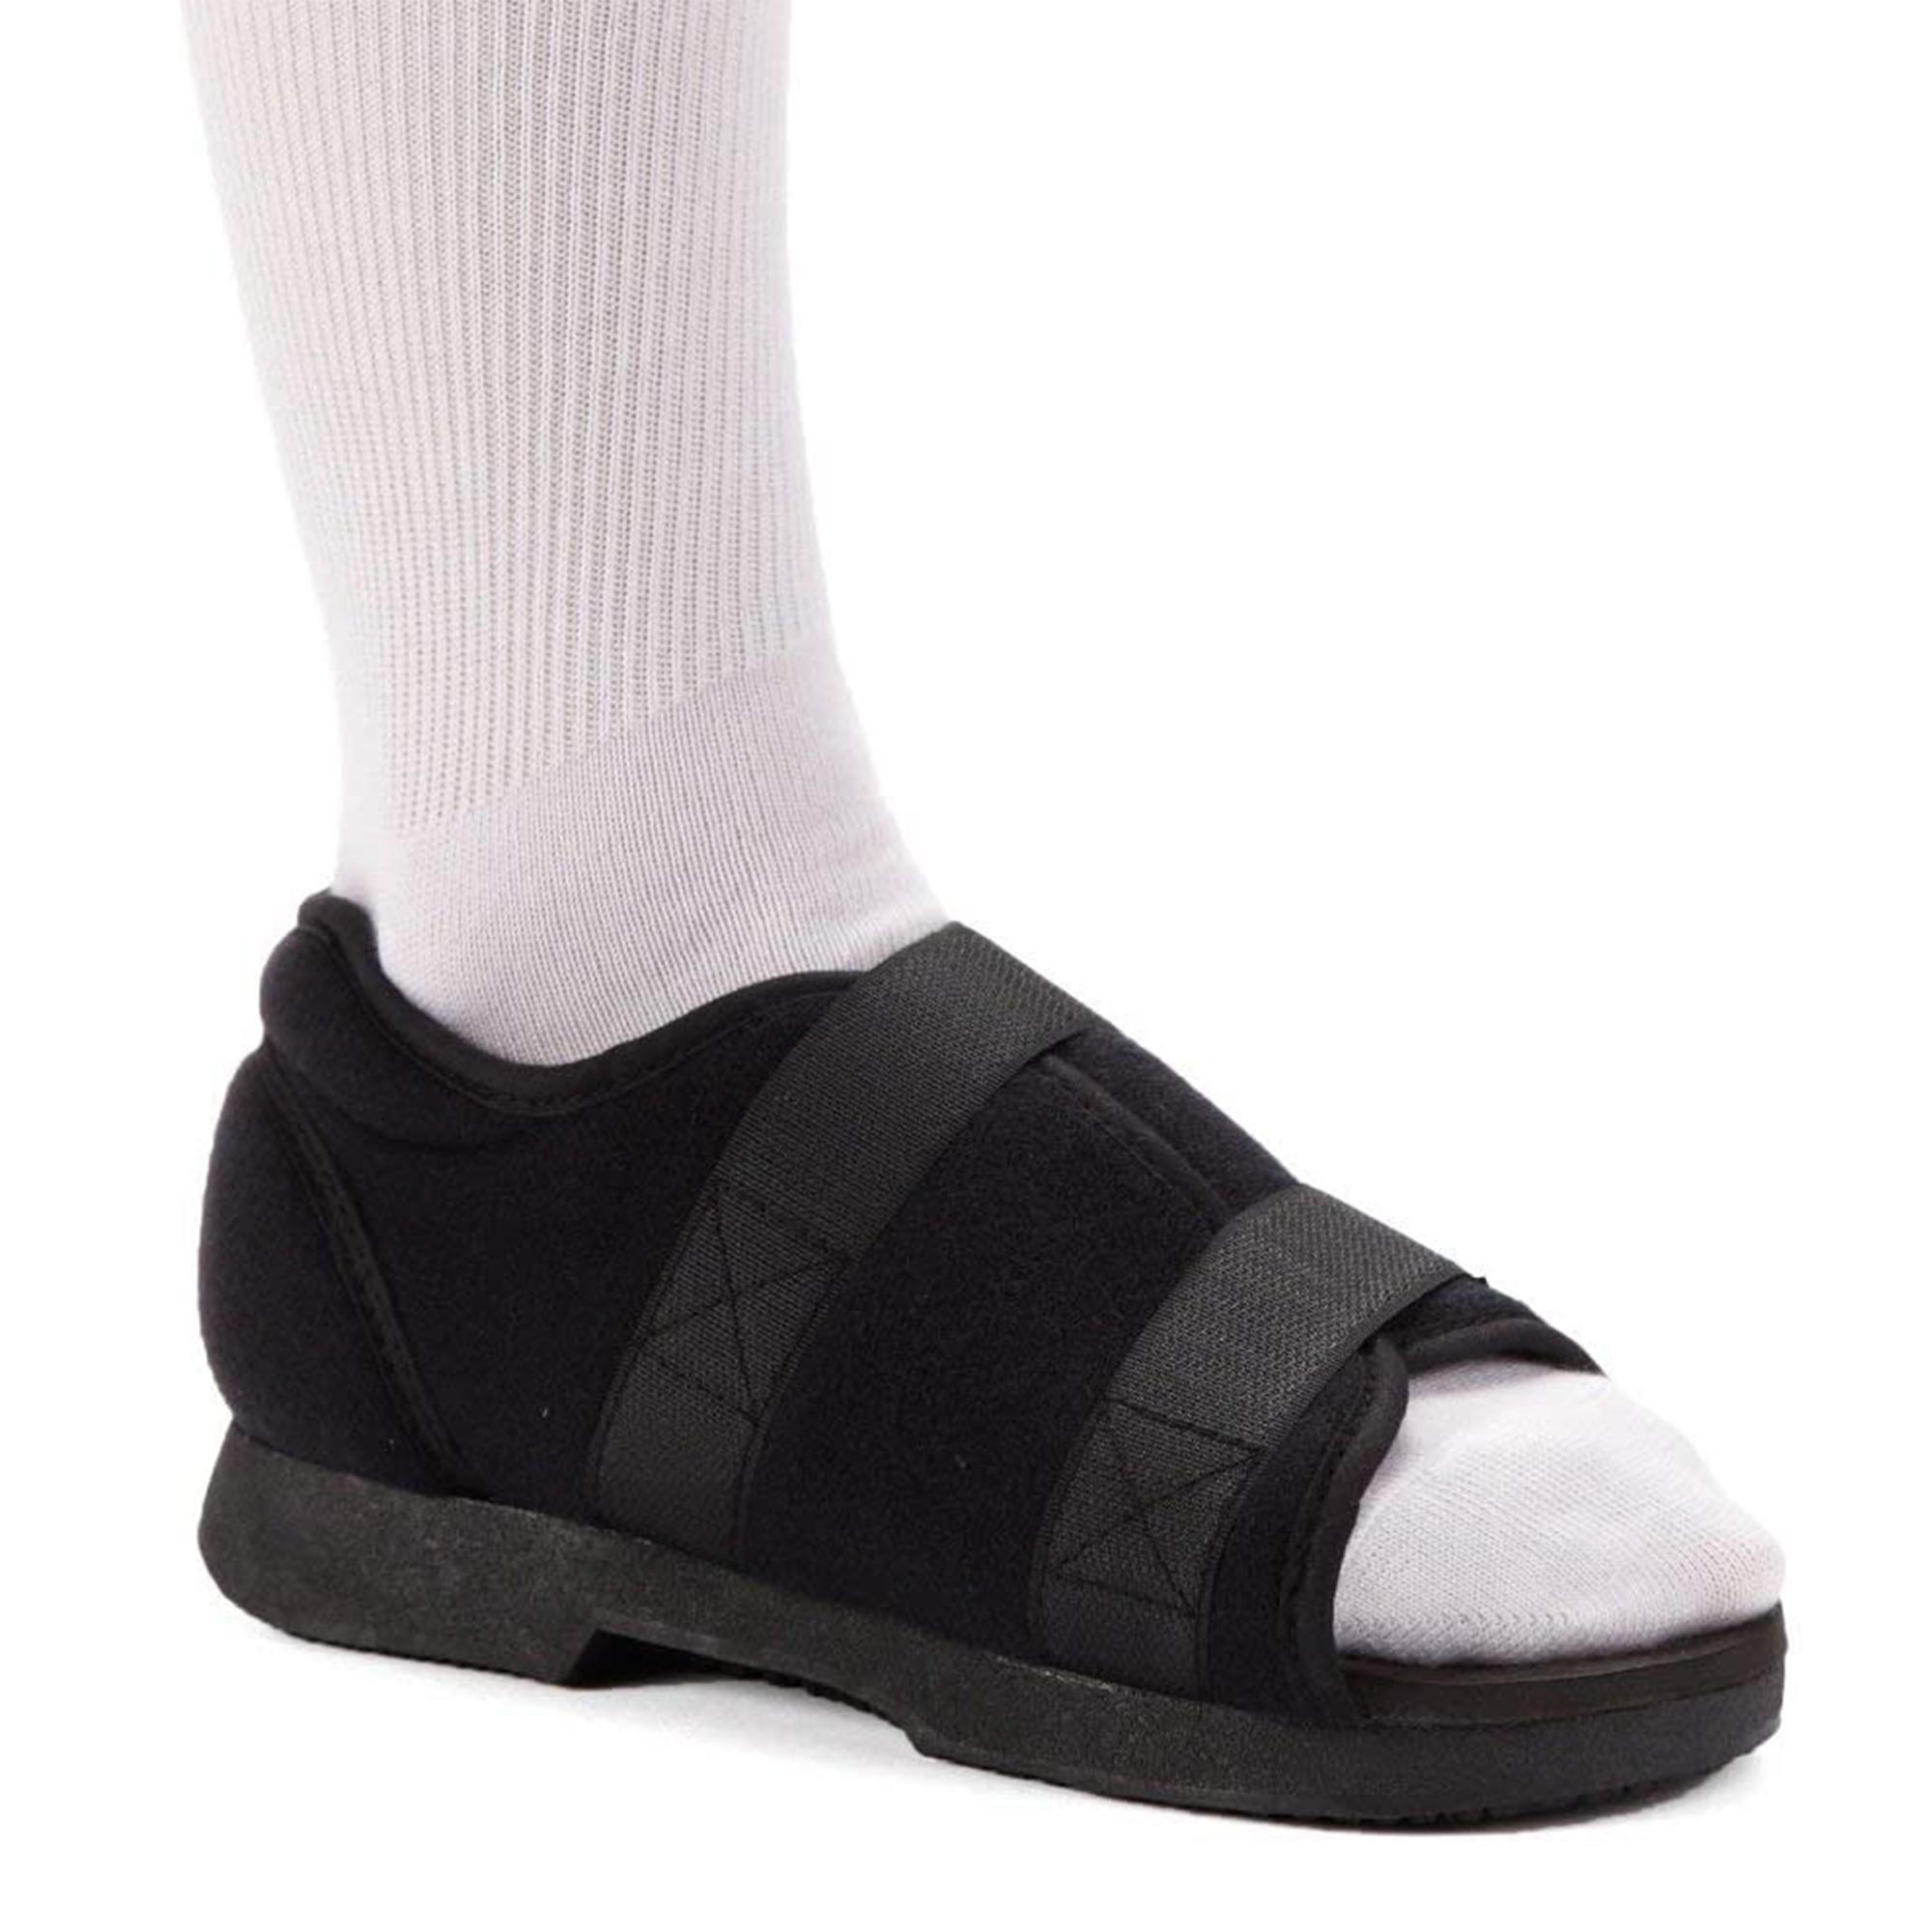 Soft Top Post-Op Shoe